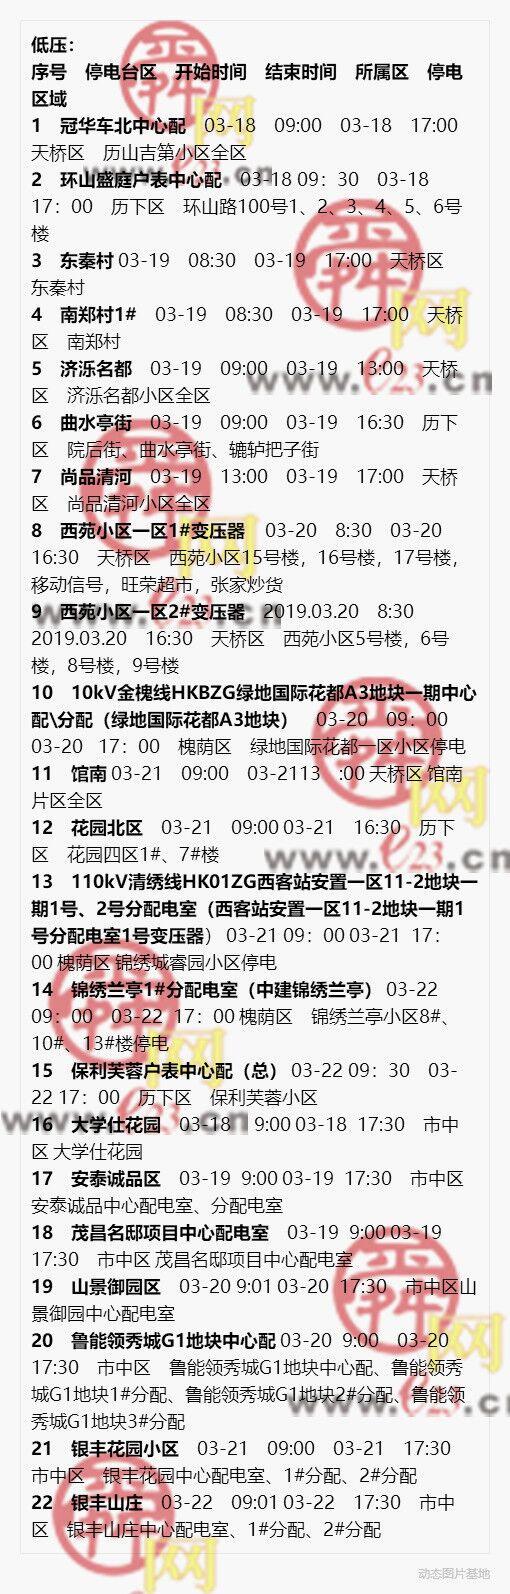 3月16日至3月22日济南部分区域电力设备检修通知